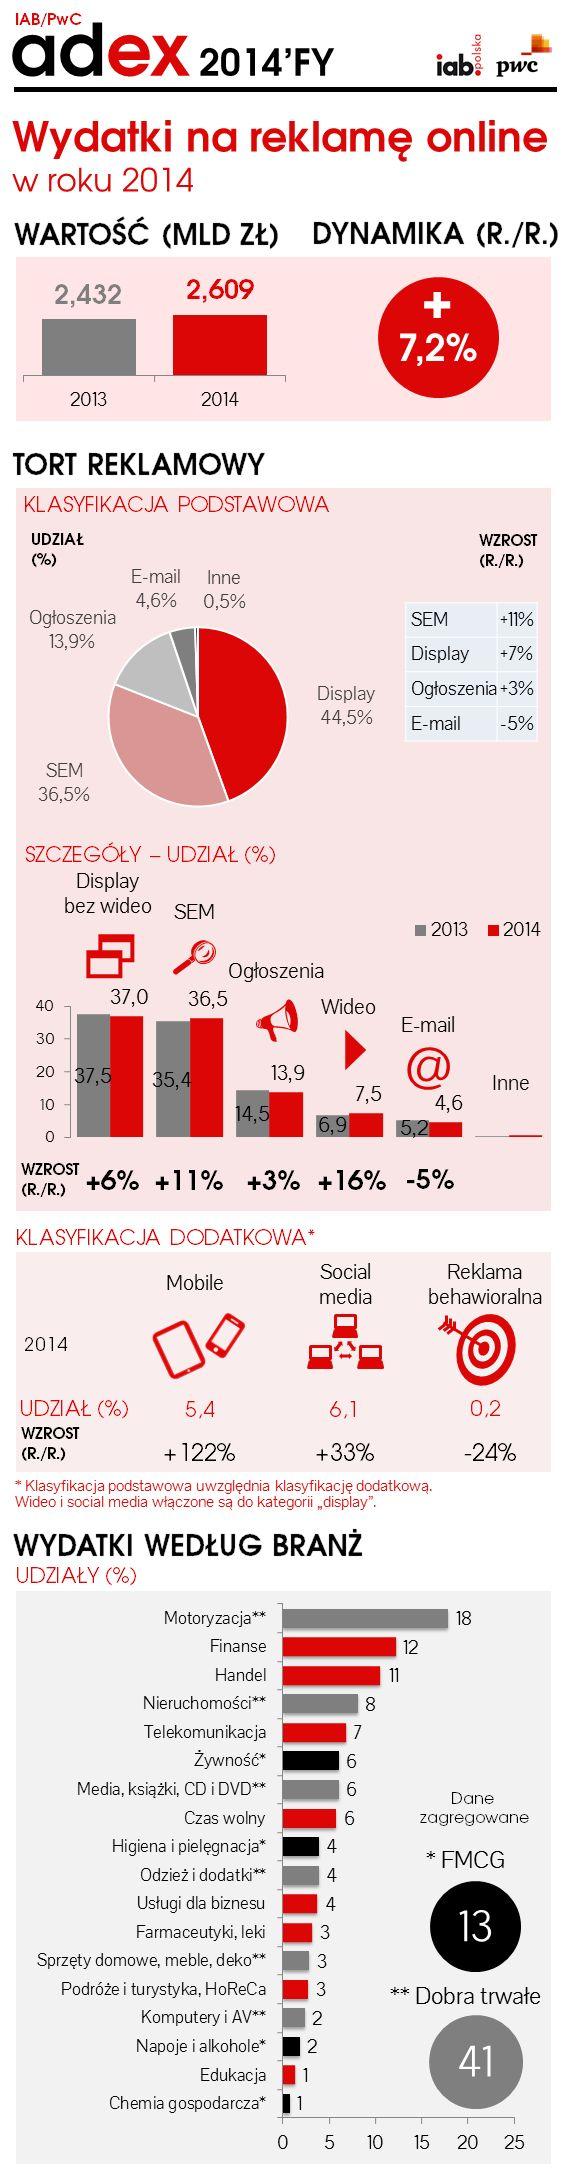 2,6 mld zł na reklamy internetowe. Mocno w górę mobile, wideo i social media - w dół e-mailingi